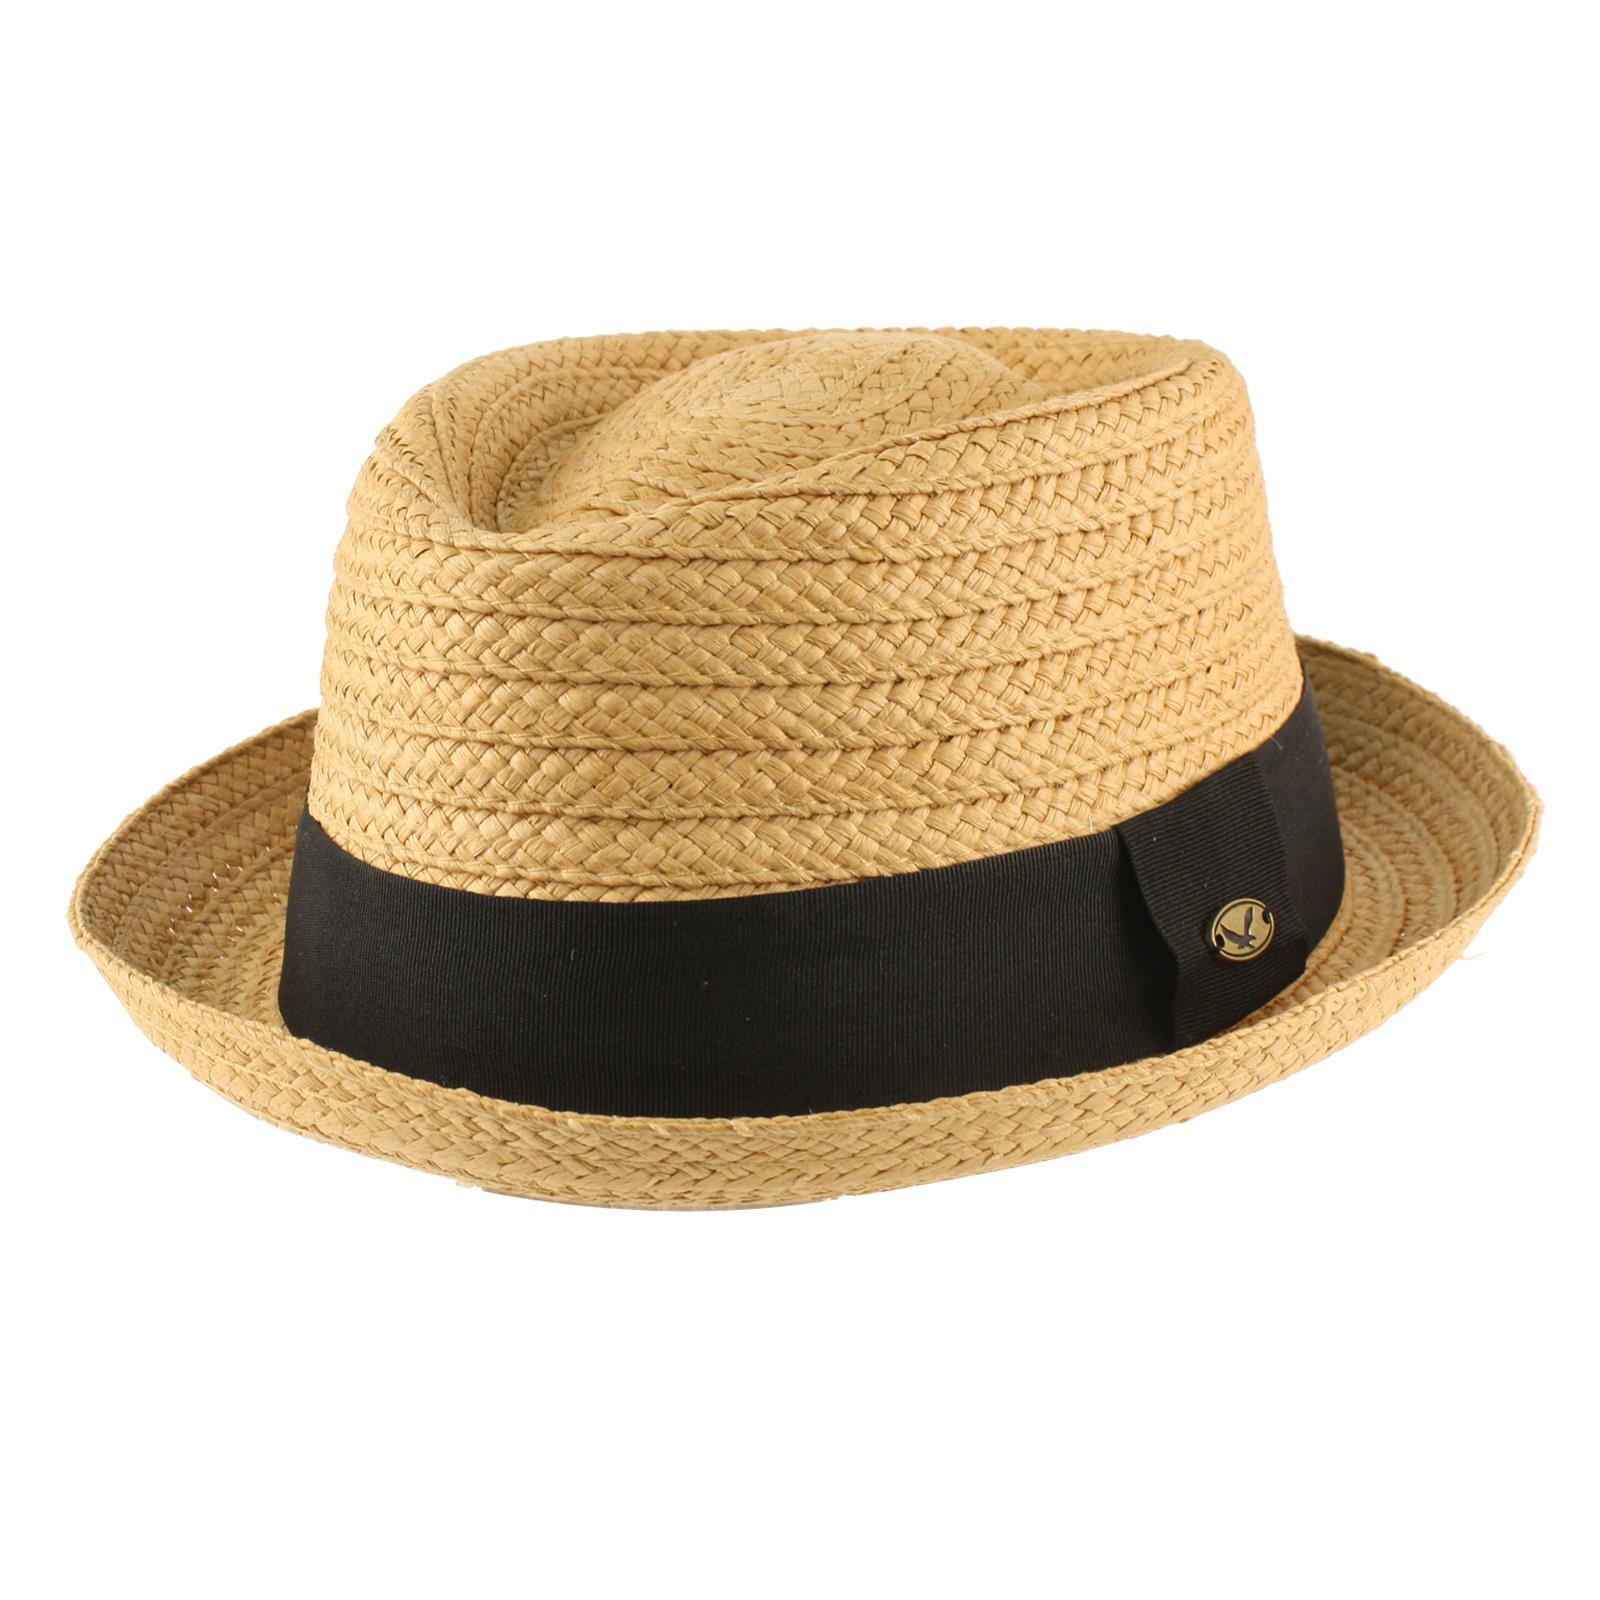 Summer Pork Pie Hat  Men s Summer Braid Straw Pork Pie Derby Fedora Upturn Brim Hat